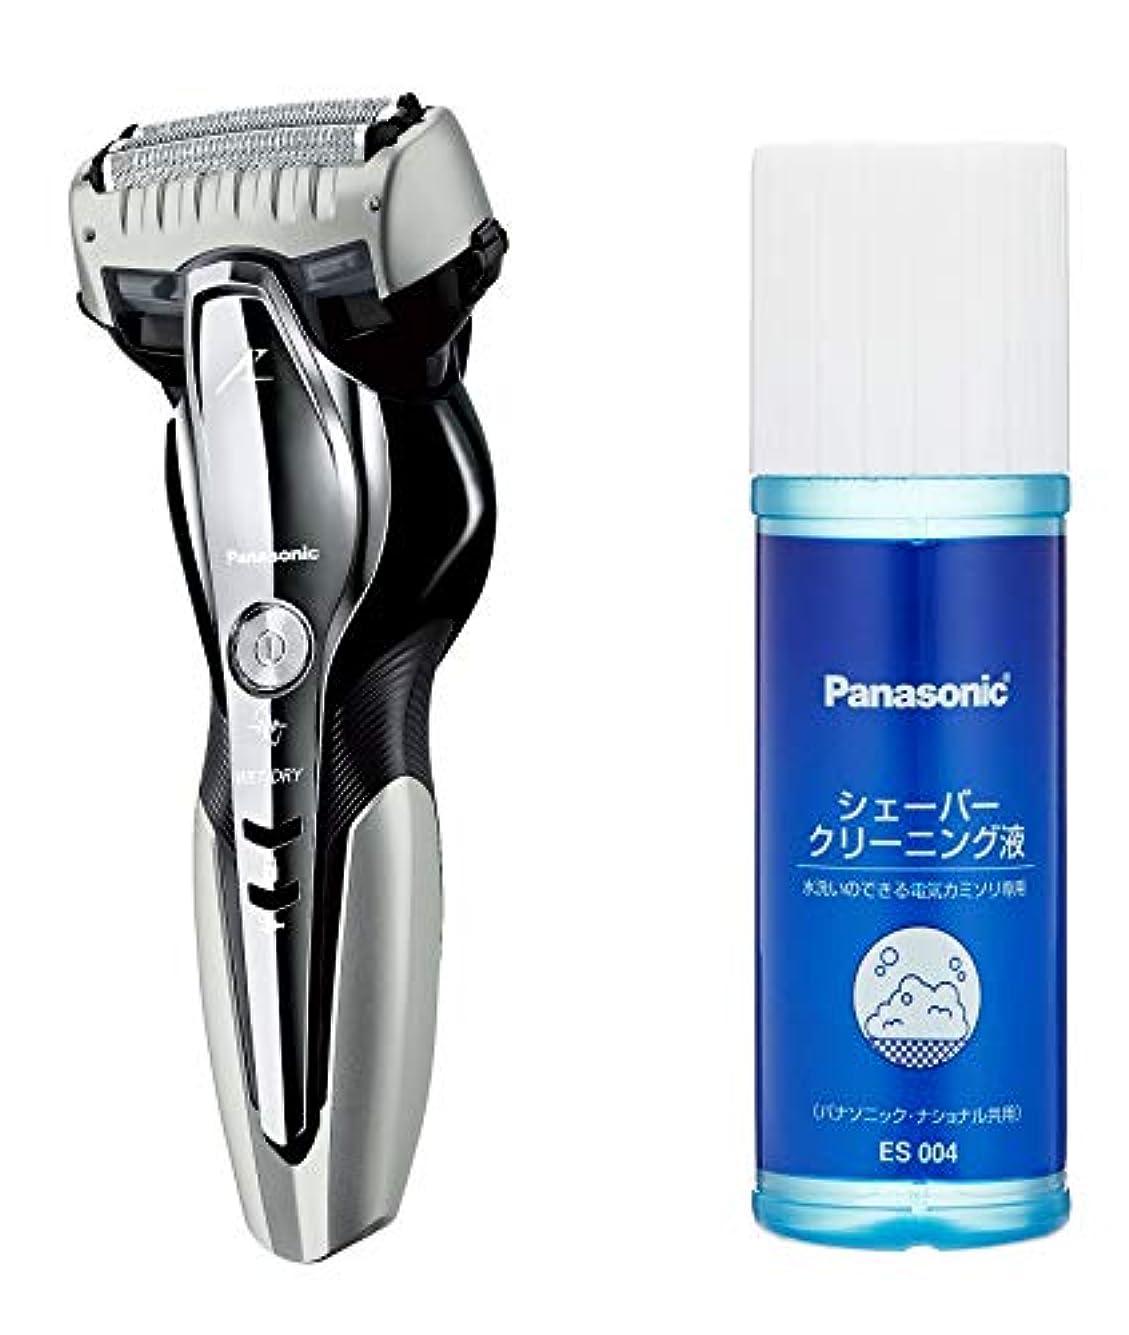 感じるお手入れ底パナソニック ラムダッシュ メンズシェーバー 3枚刃 お風呂剃り可 シルバー調 ES-ST6Q-S + シェーバークリーニング液 セット